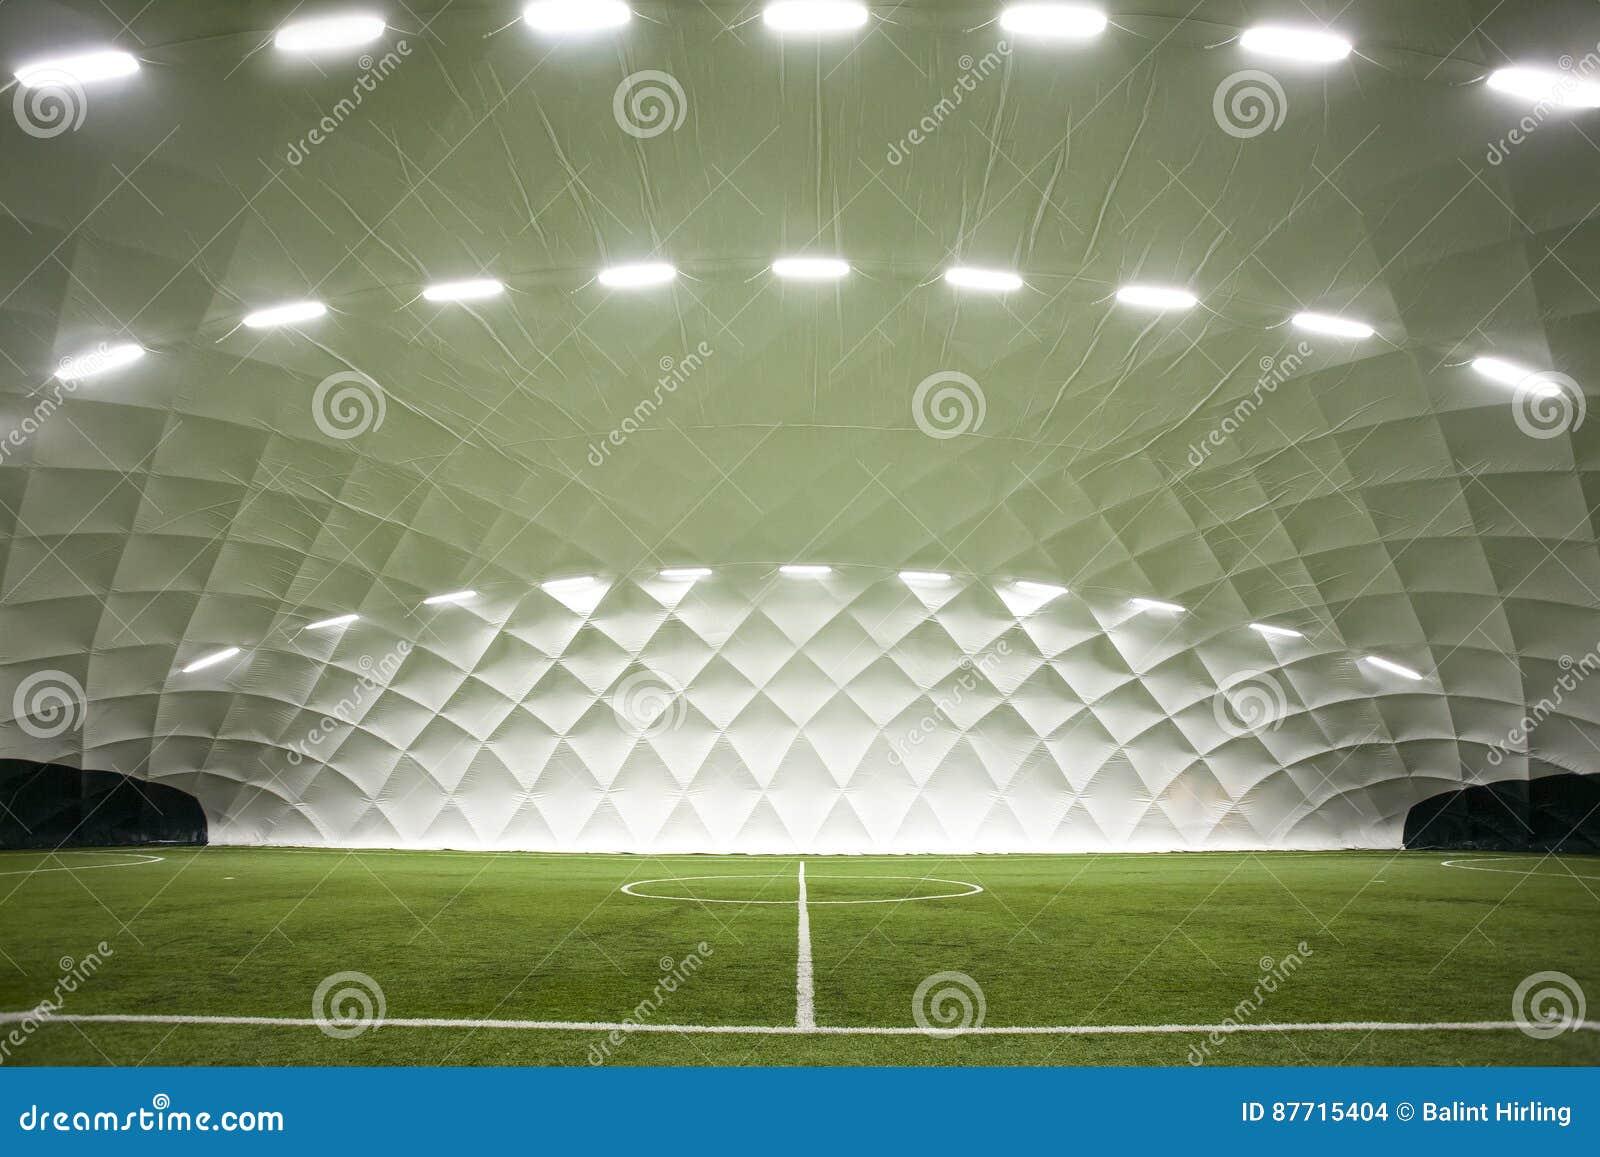 Binnenvoetbalgebied